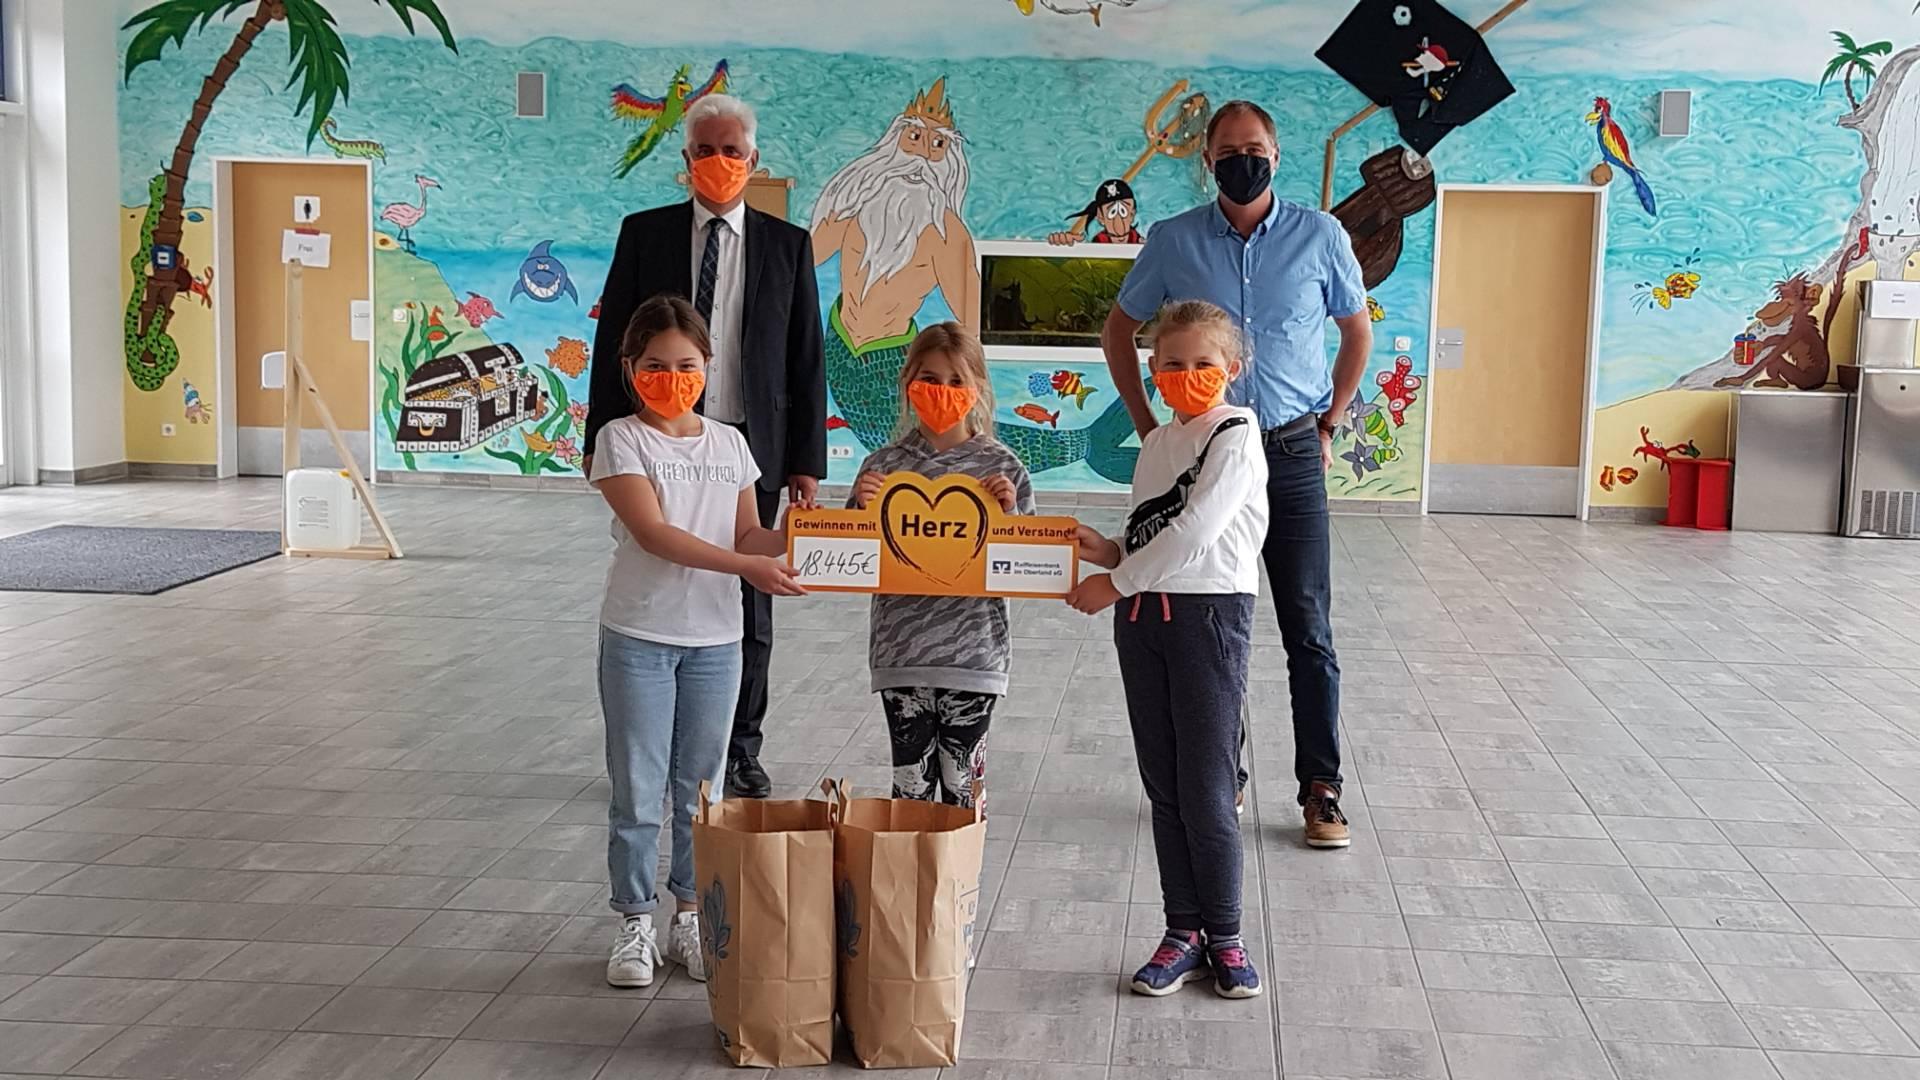 Der Schulrektor der Grund- und Mittelschule, Markus Rewitzer, und drei seiner Schülerinnen freuten sich über die neuen Masken. Überreicht wurden sie vom Vorstandsvorsitzenden der Raiffeisenbank im Oberland eG, Hansjörg Hegele.